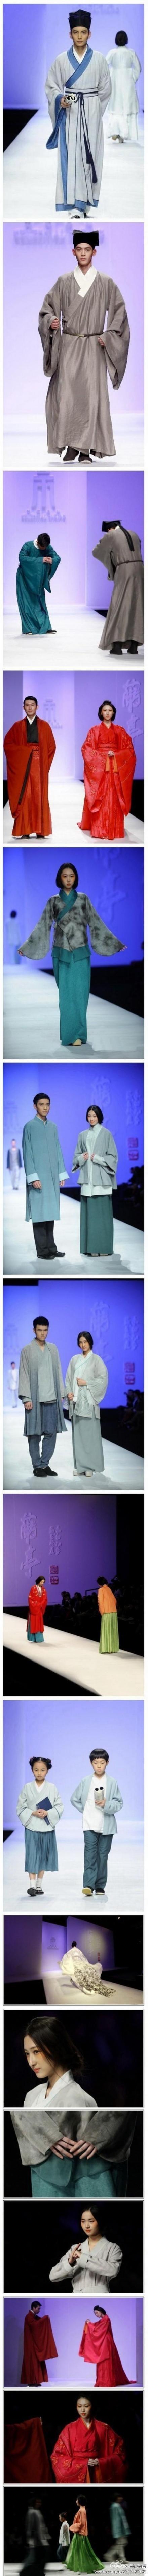 《诗礼春秋》,中国风。